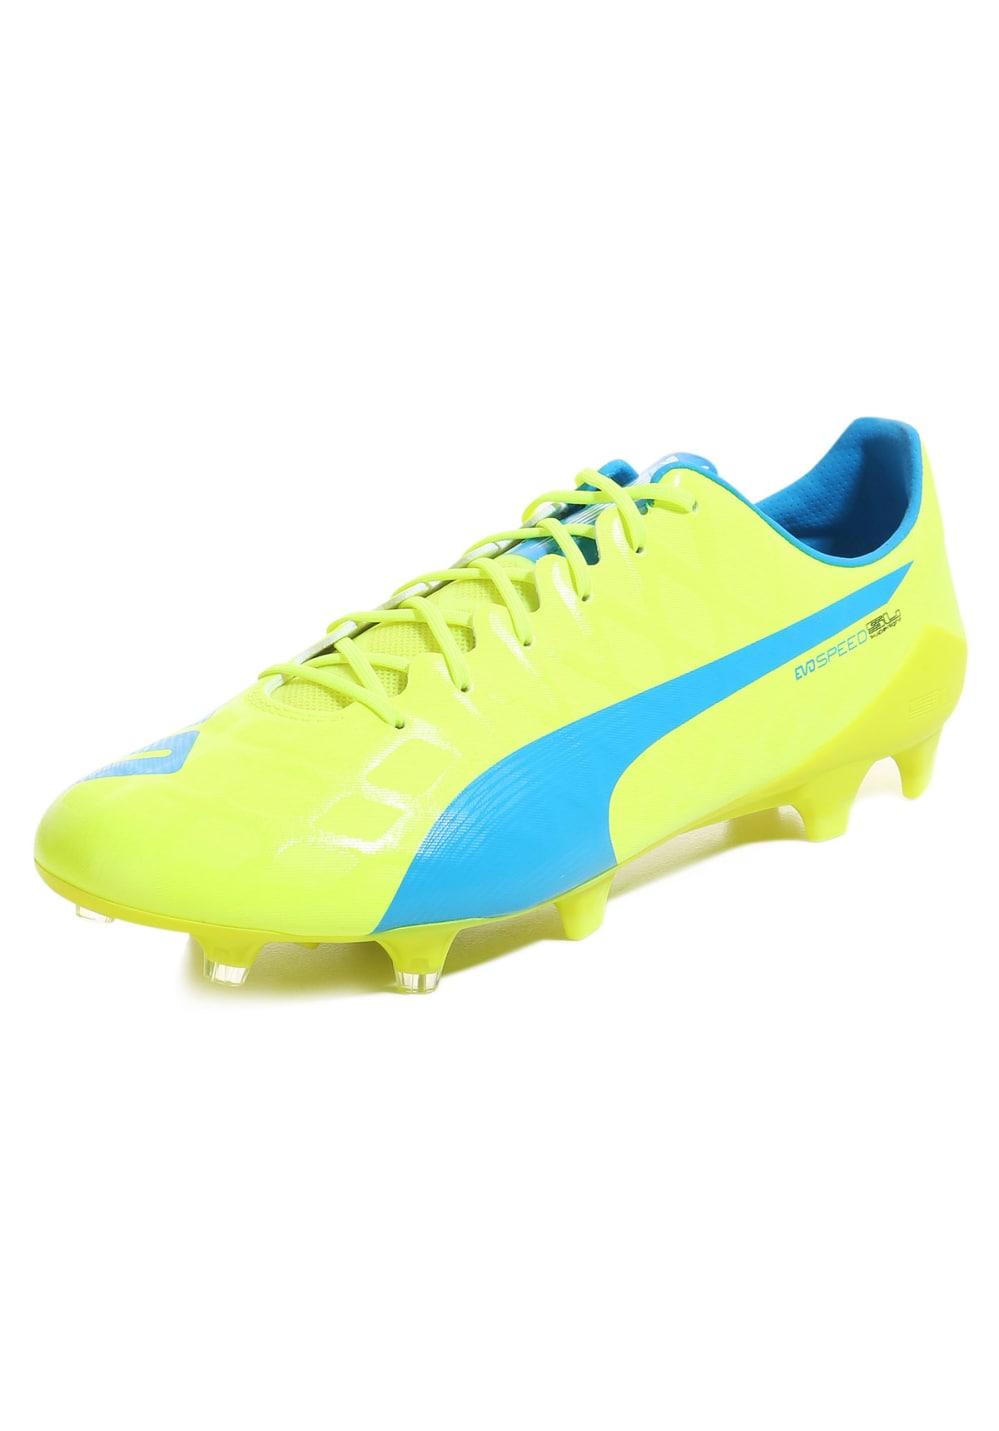 525e35b6811 Next. -60%. Puma. evoSPEED SL-S FG - Chaussures de foot pour Homme